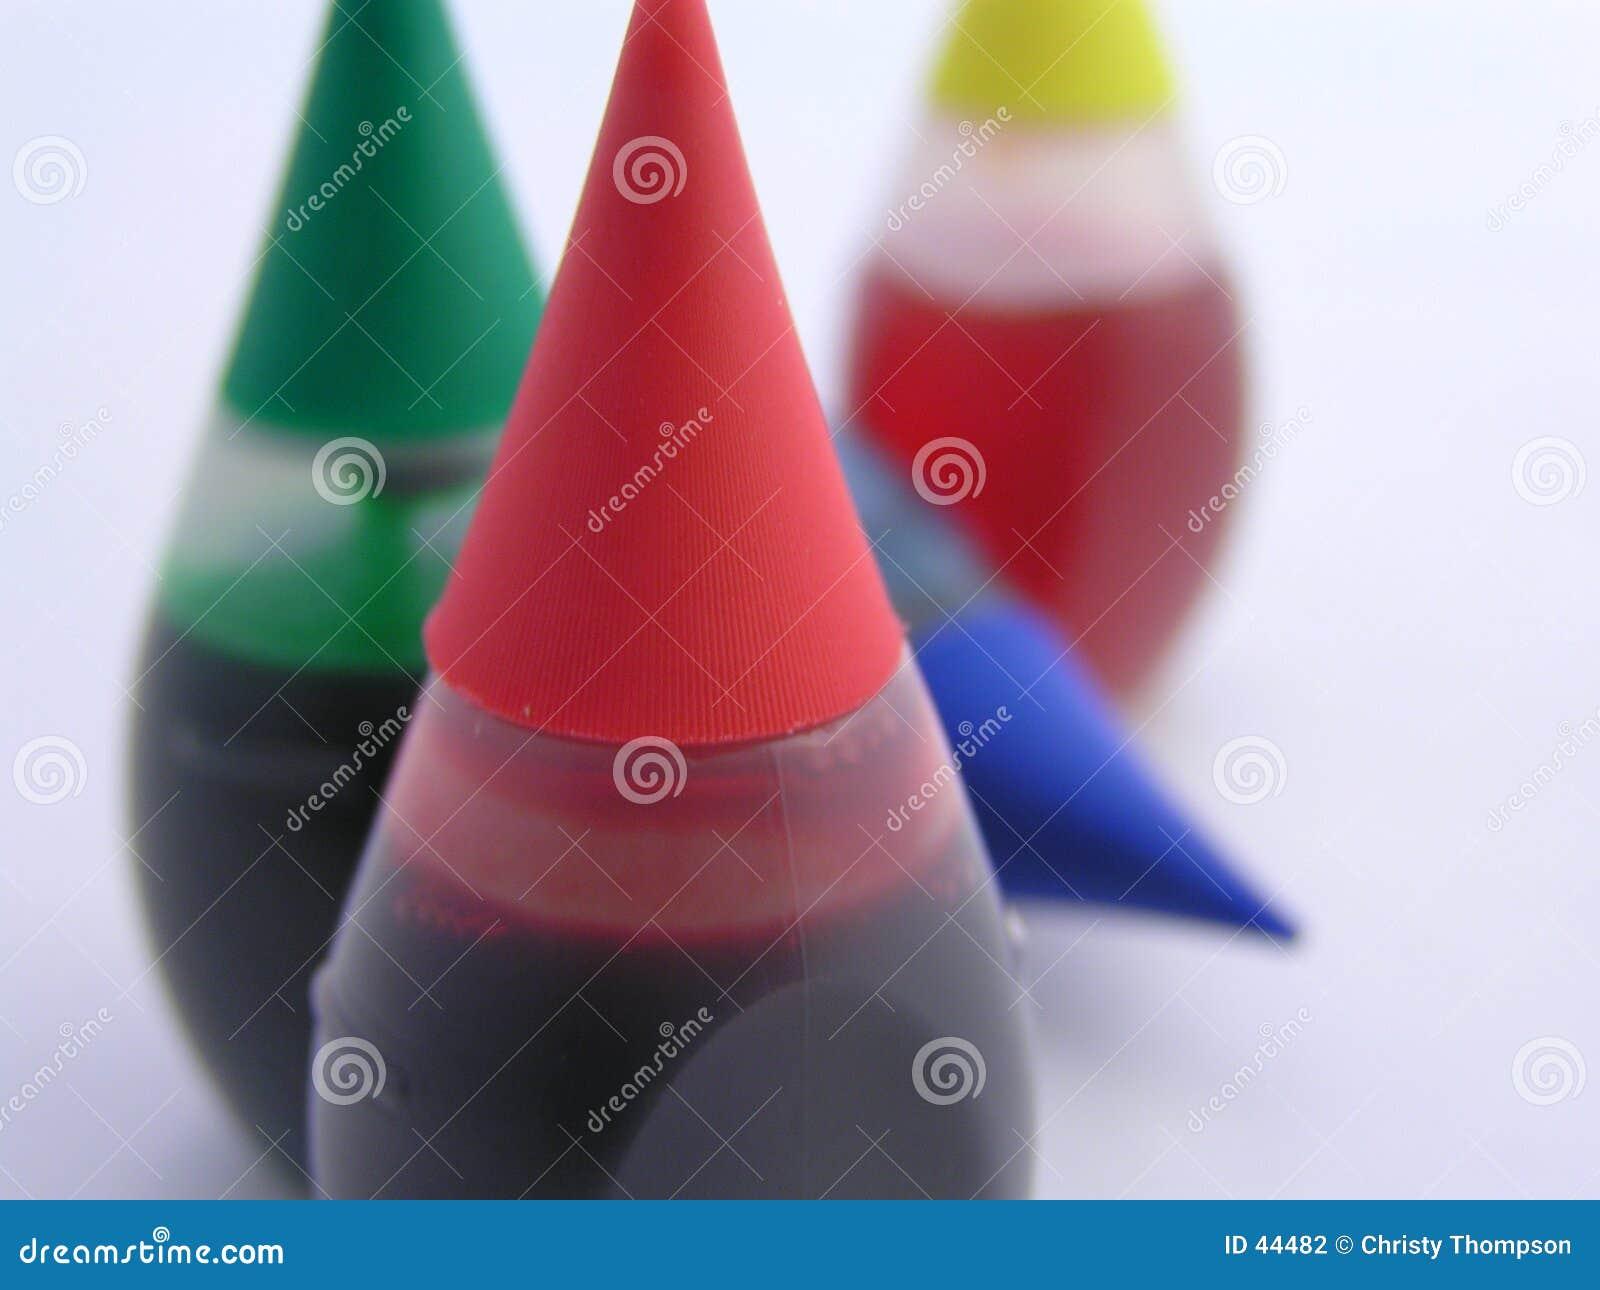 Download Colores de la diversidad foto de archivo. Imagen de colores - 44482